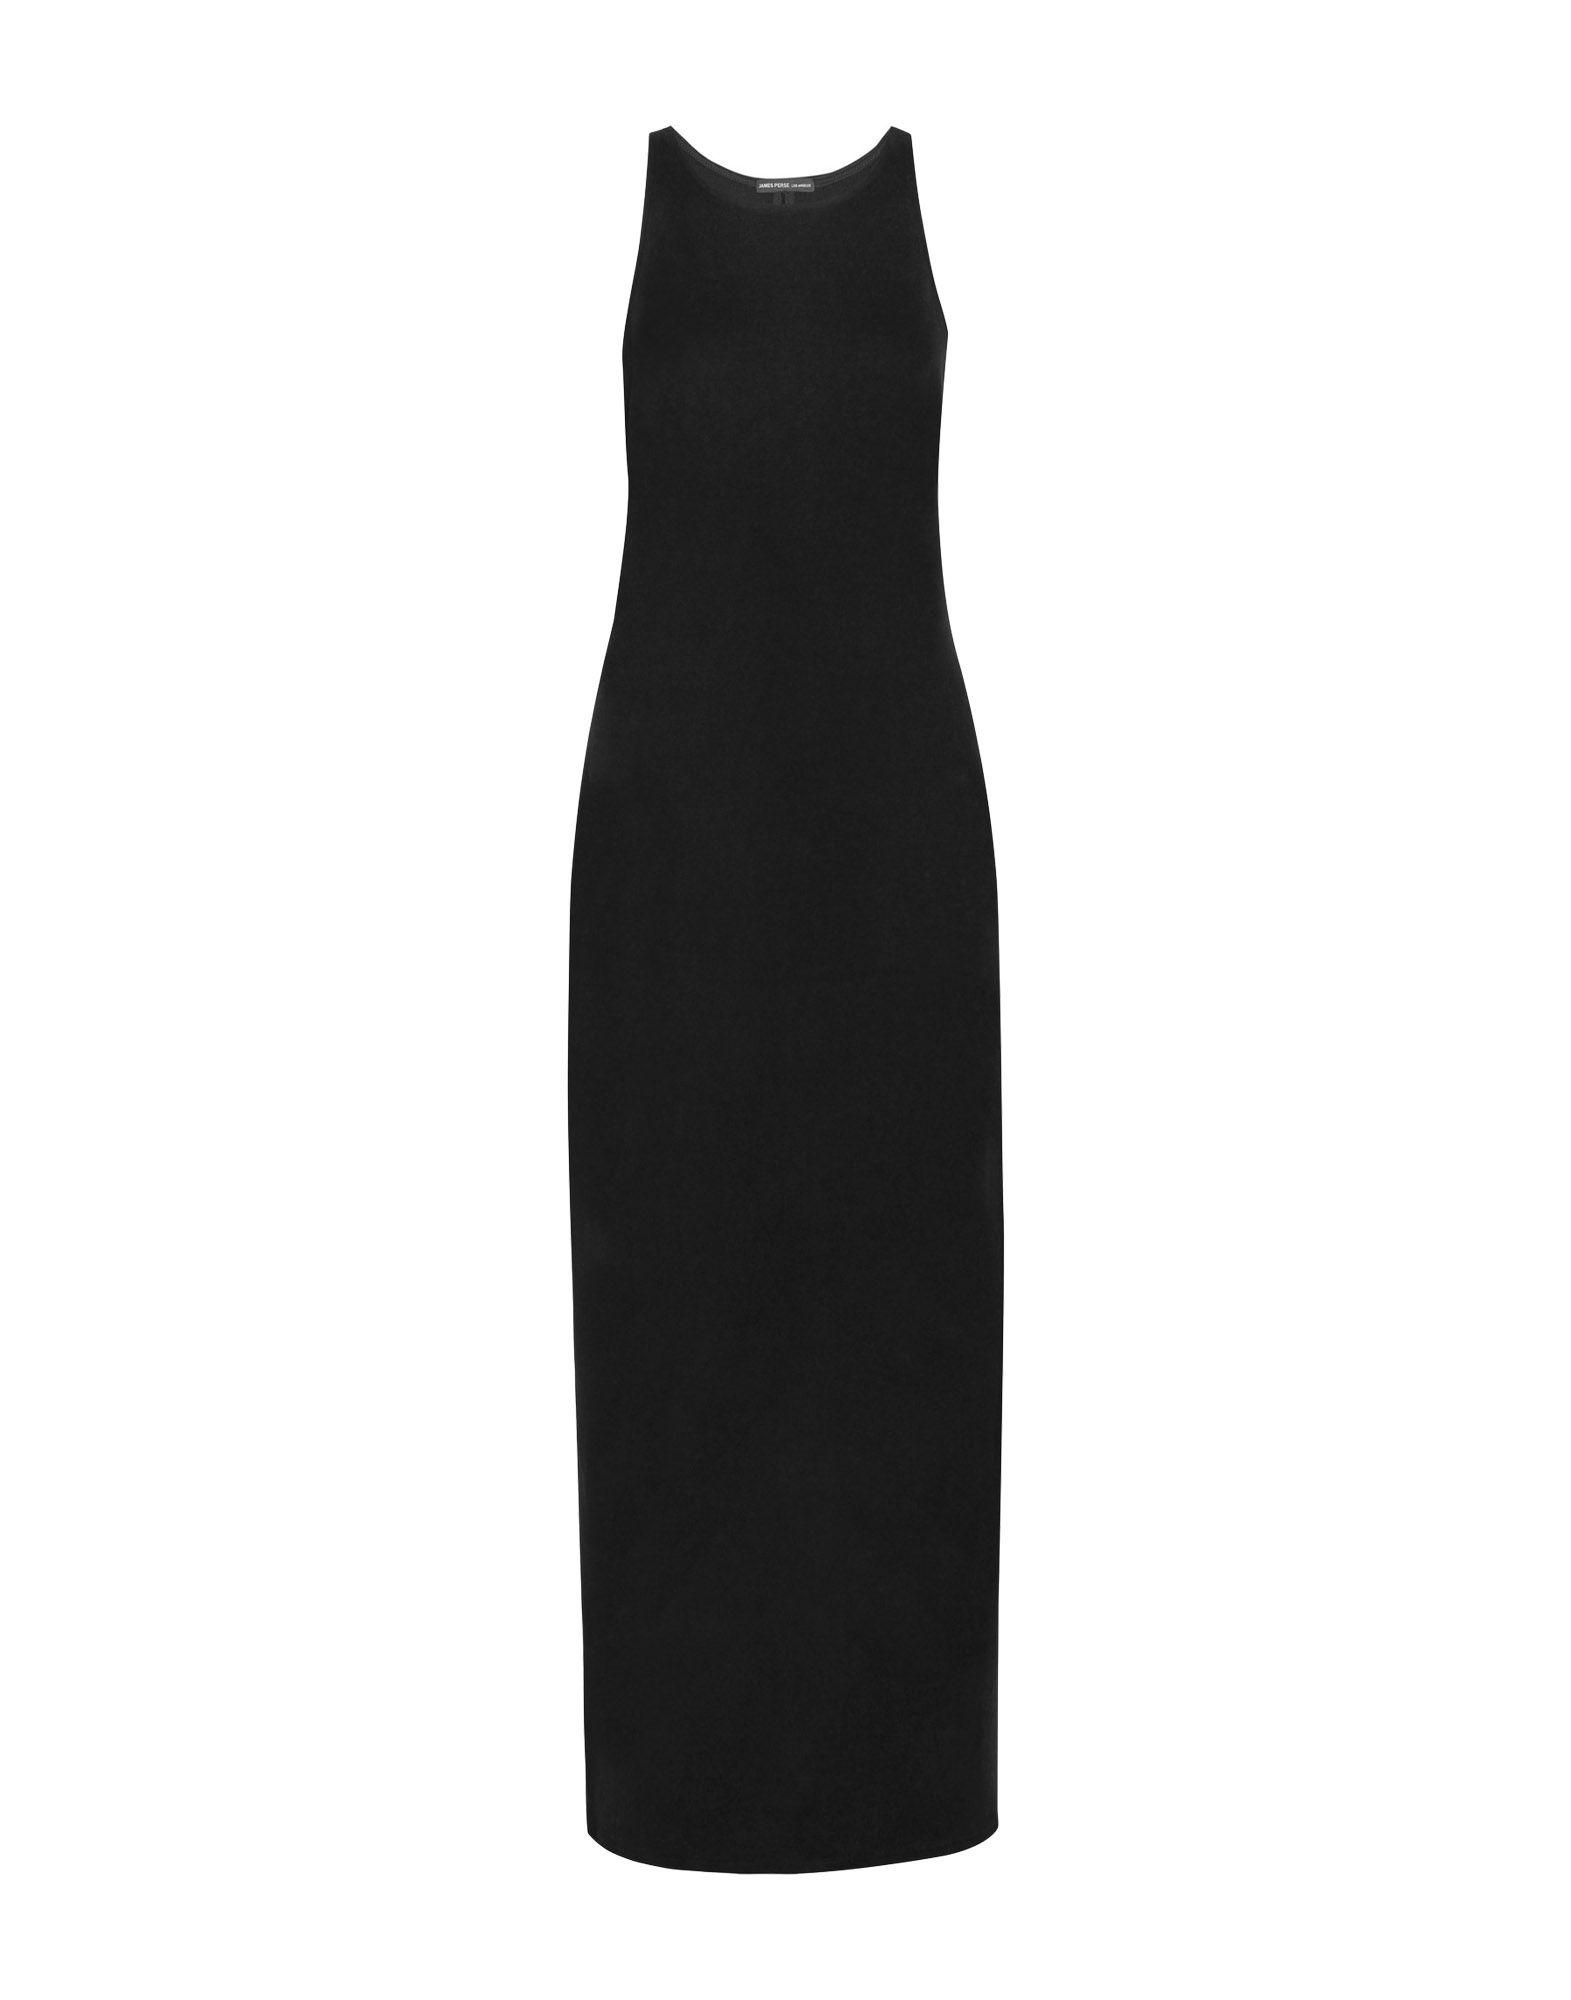 Фото - JAMES PERSE Длинное платье james perse топ без рукавов